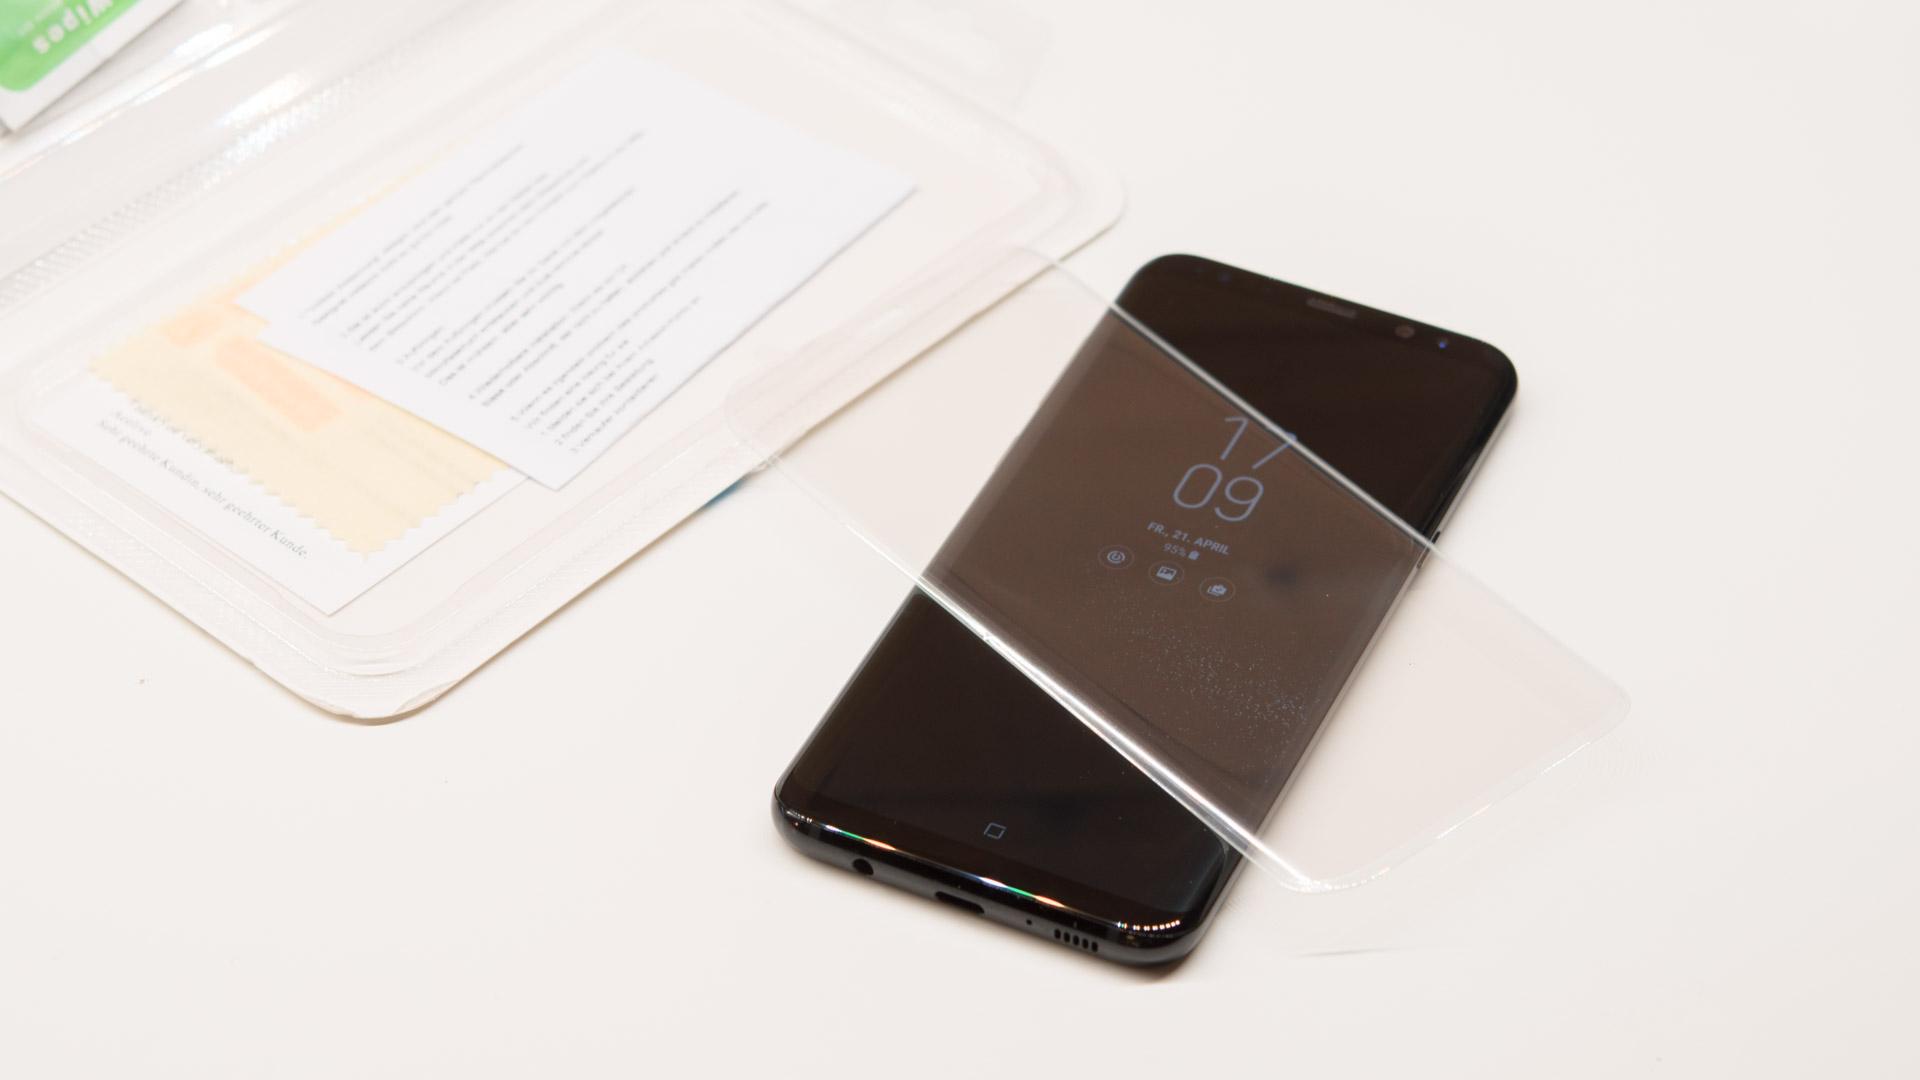 10x Displayschutz Folien Und Glaser Fur Das Samsung Galaxy S8 Plus Im Vergleich